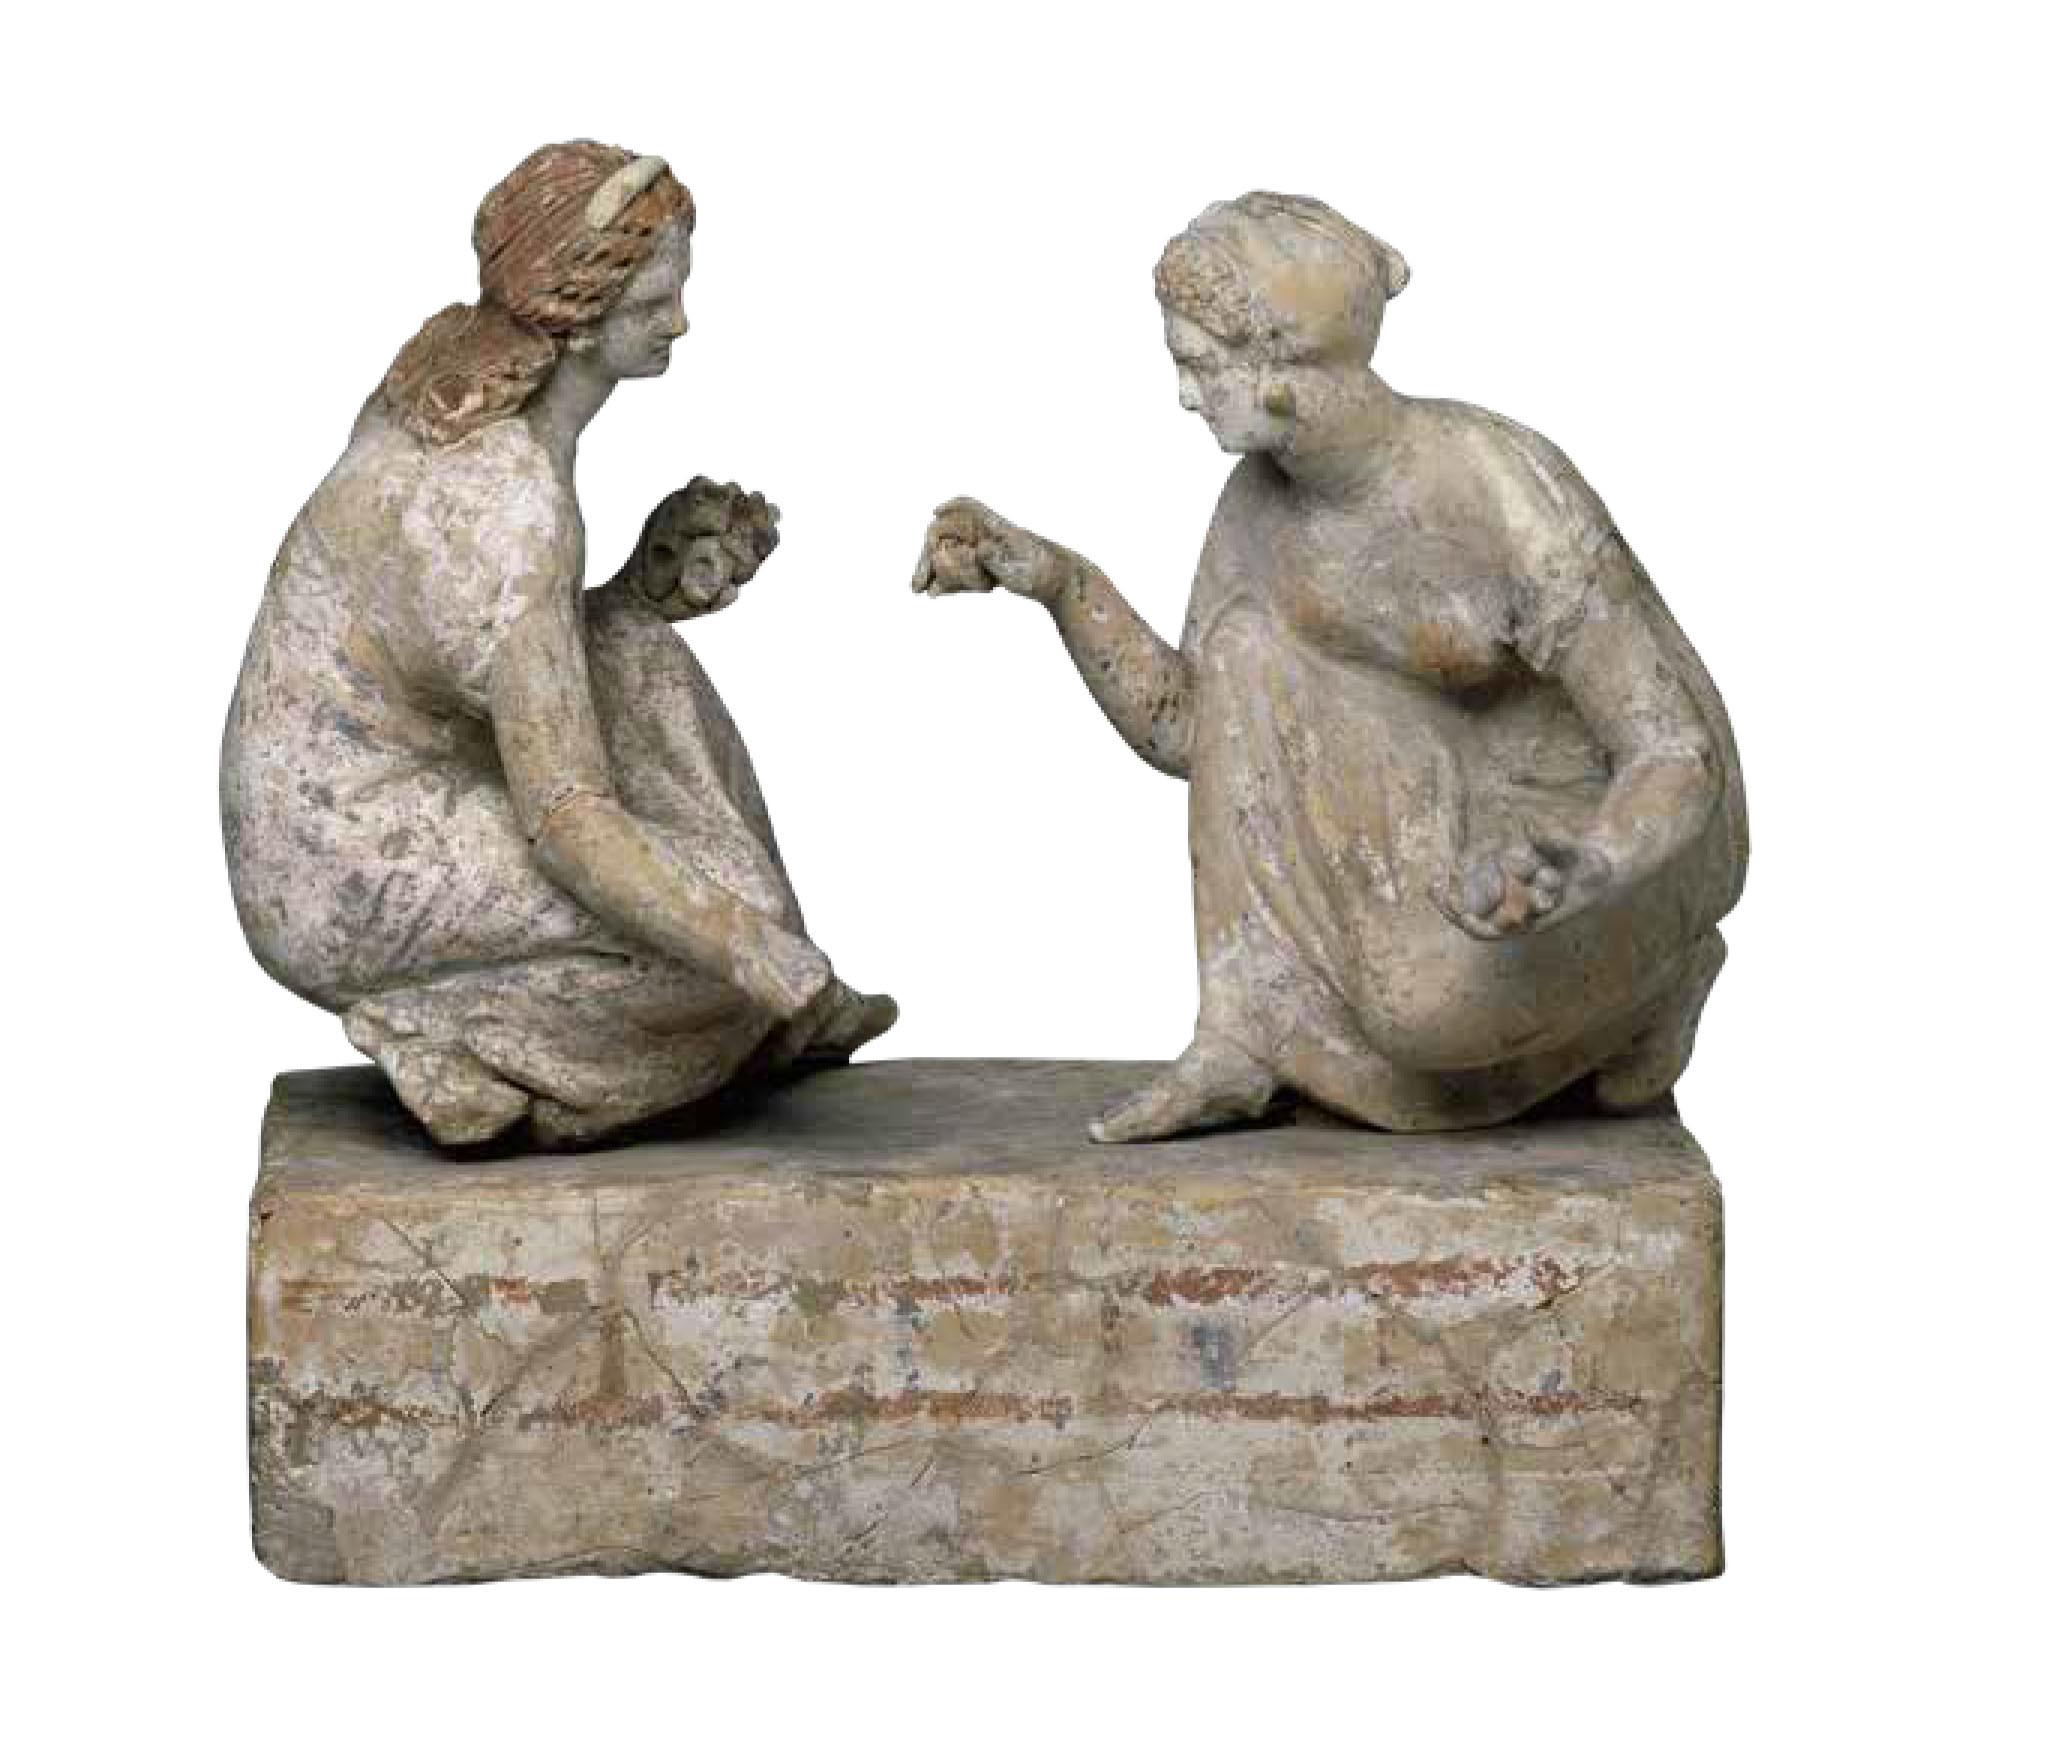 Πήλινα αγαλματίδια γυναικών που παίζουν αστραγάλους, 340-330 π.Χ, Βρετανικό Μουσείο